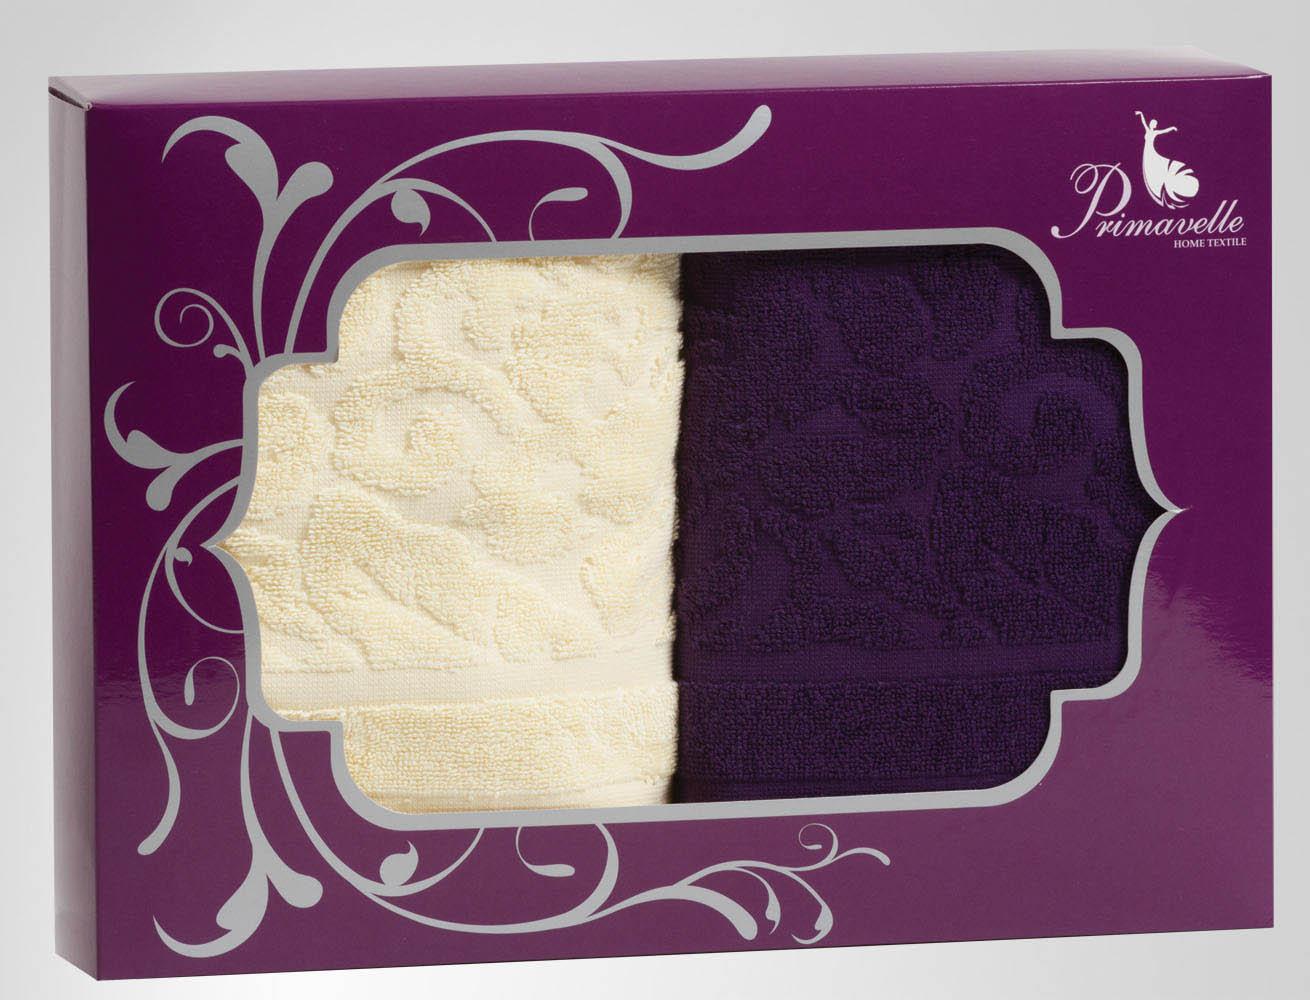 Полотенца Primavelle Полотенце Fiona Цвет: Фиолетовый+Ваниль (50х90 см - 2 шт) цена и фото